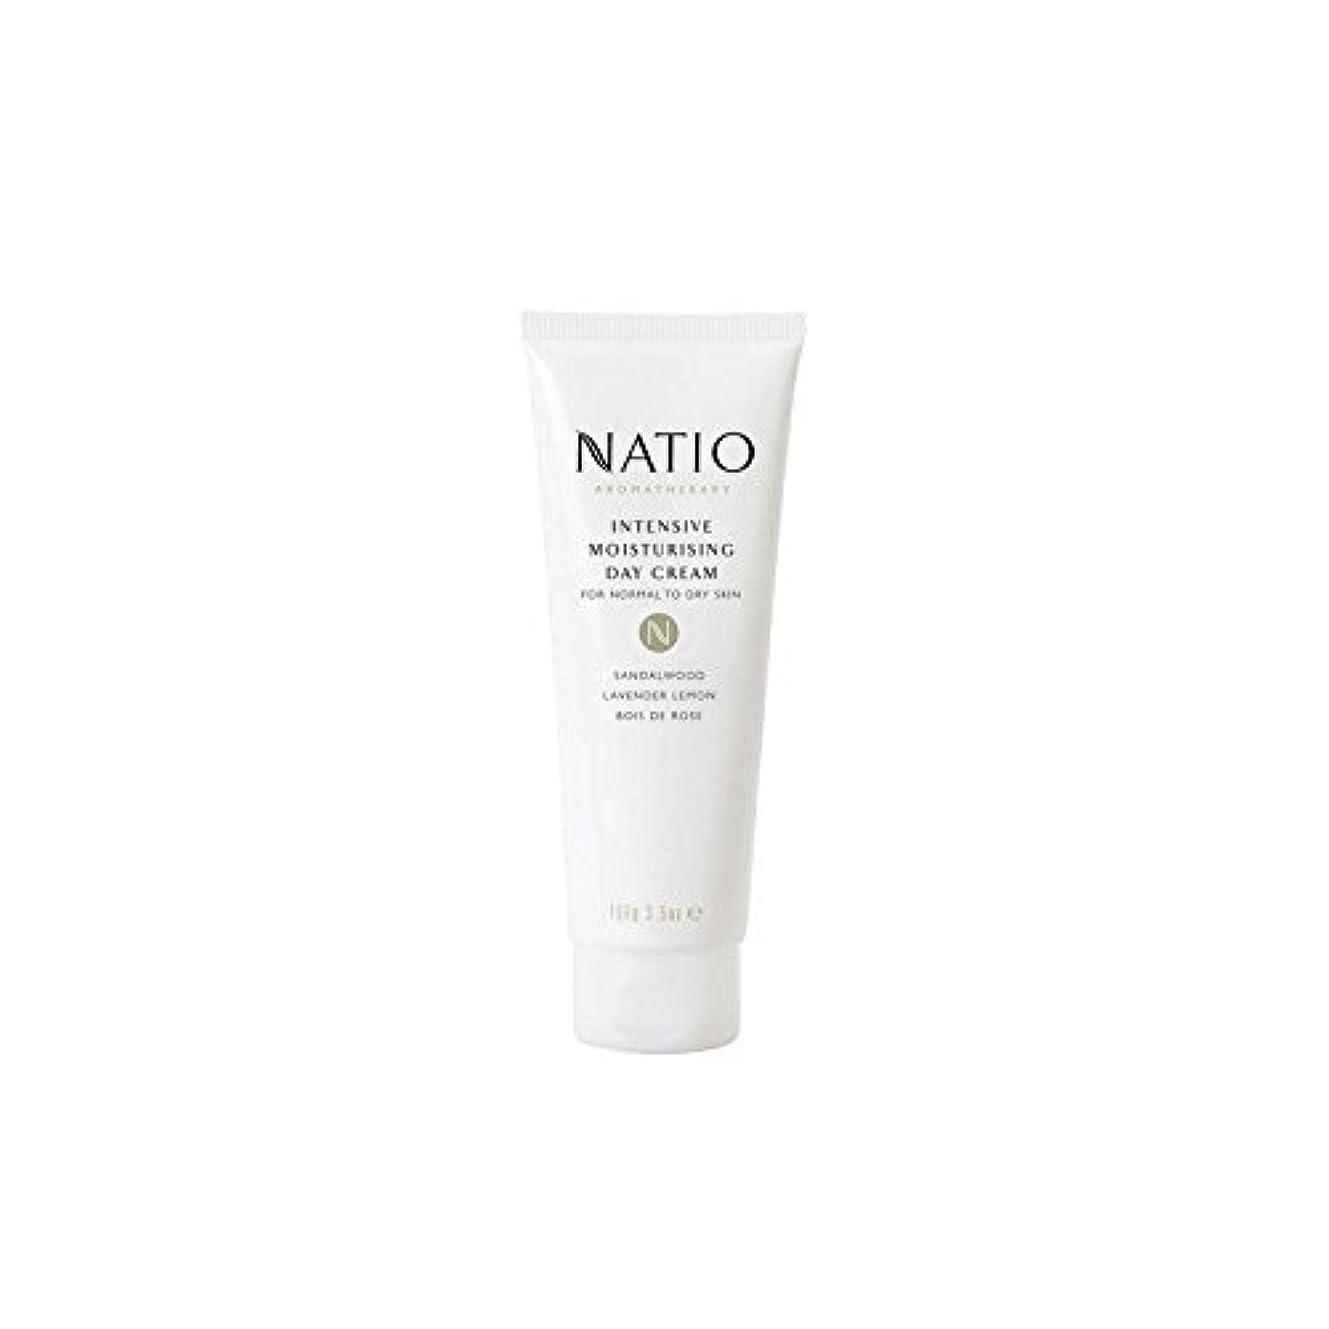 原告同じ非互換Natio Intensive Moisturising Day Cream (100G) (Pack of 6) - 集中的な保湿デイクリーム(100グラム) x6 [並行輸入品]